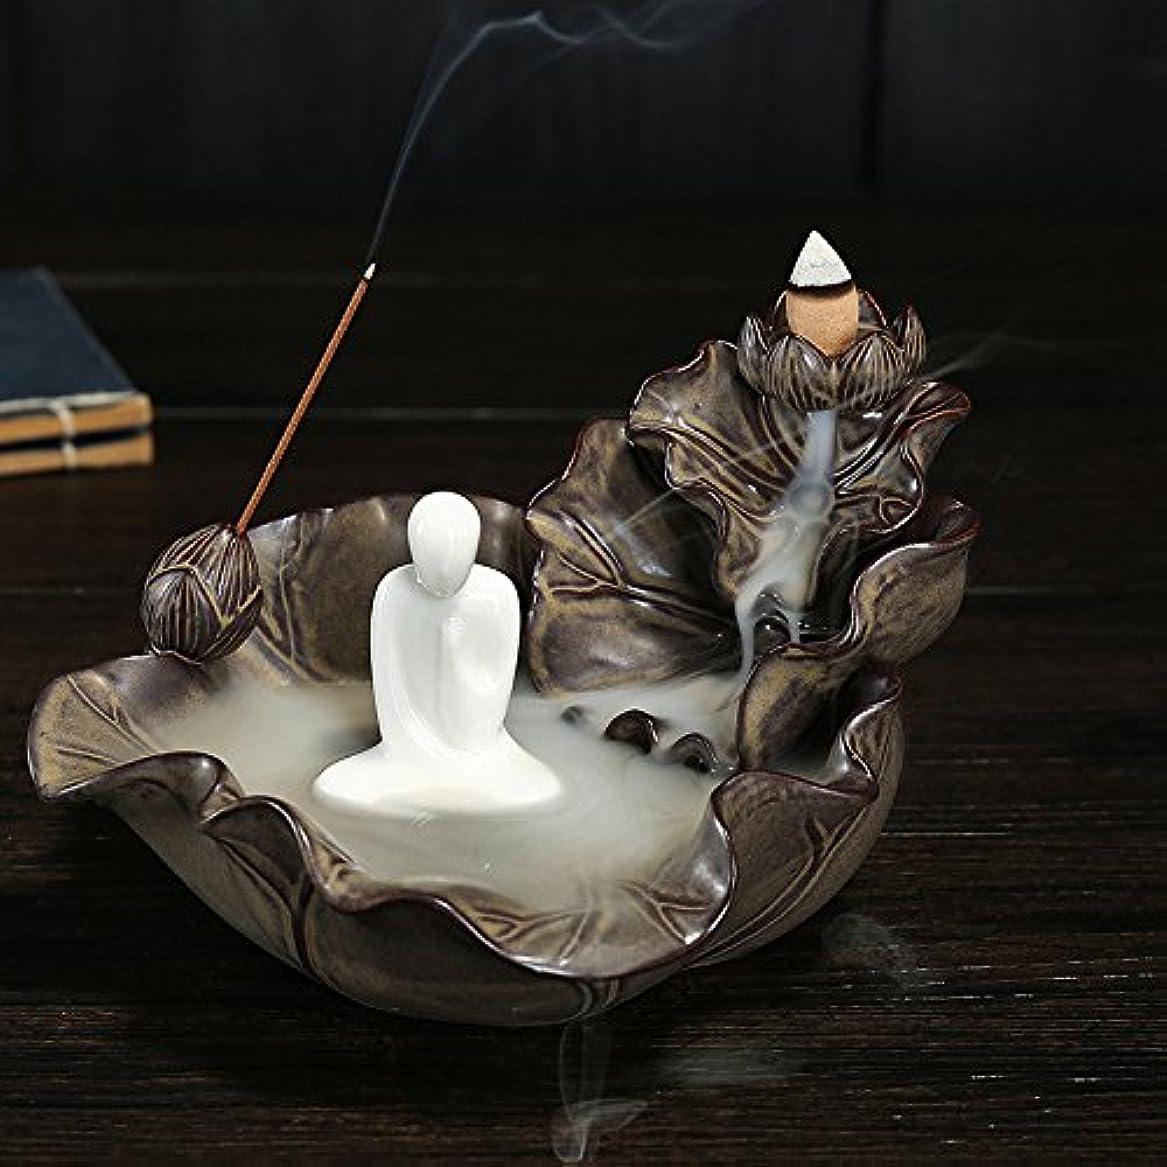 一般化するハンドブック周術期逆流香炉、香ホルダー、Monk Incense Burner Ceramics Incense Holder with 10pcs Backflow Incense Cones One Size ブラウン 125025